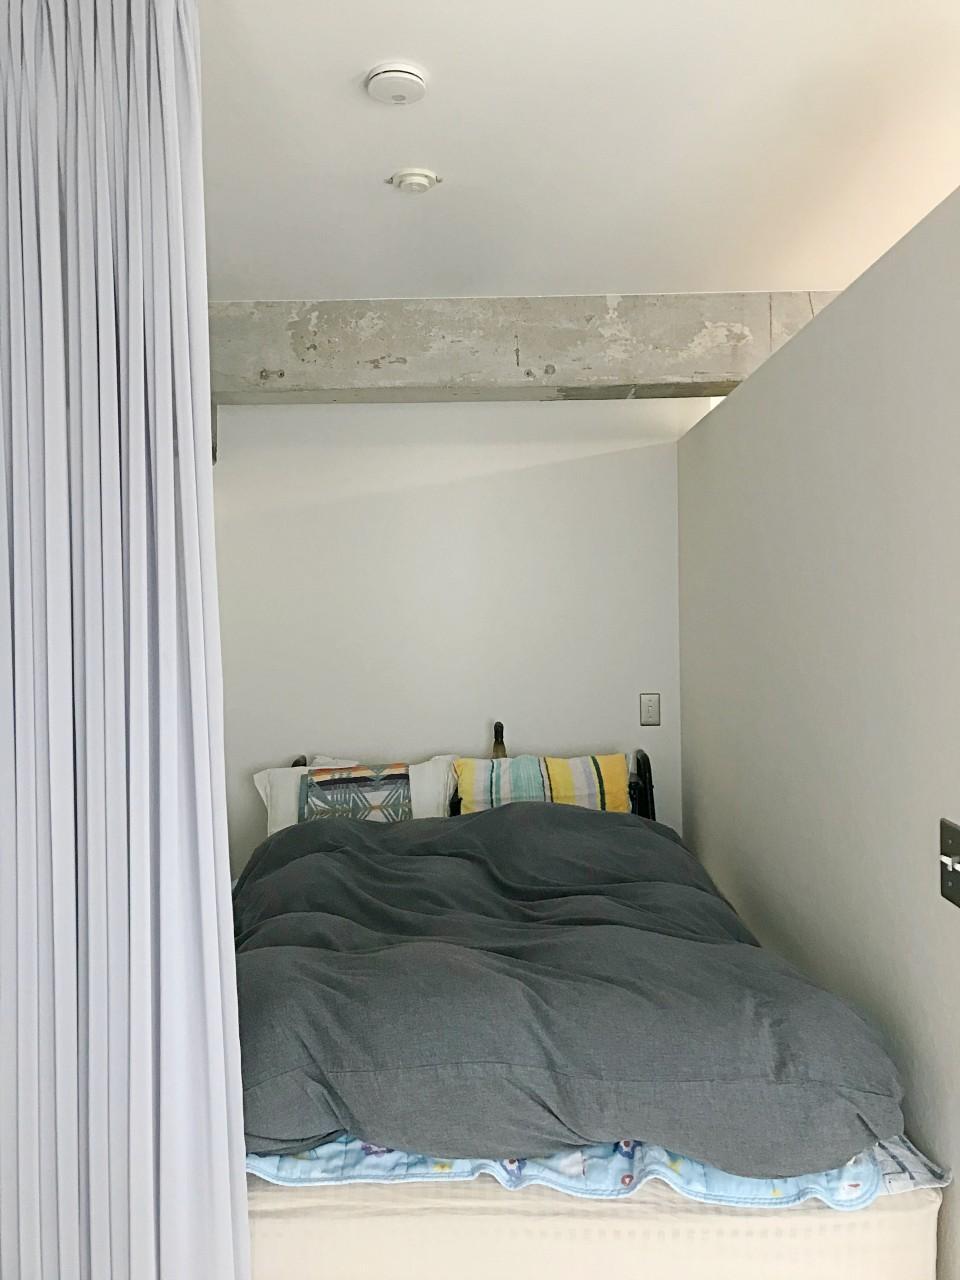 ダブルベッドも収まる寝室スペース